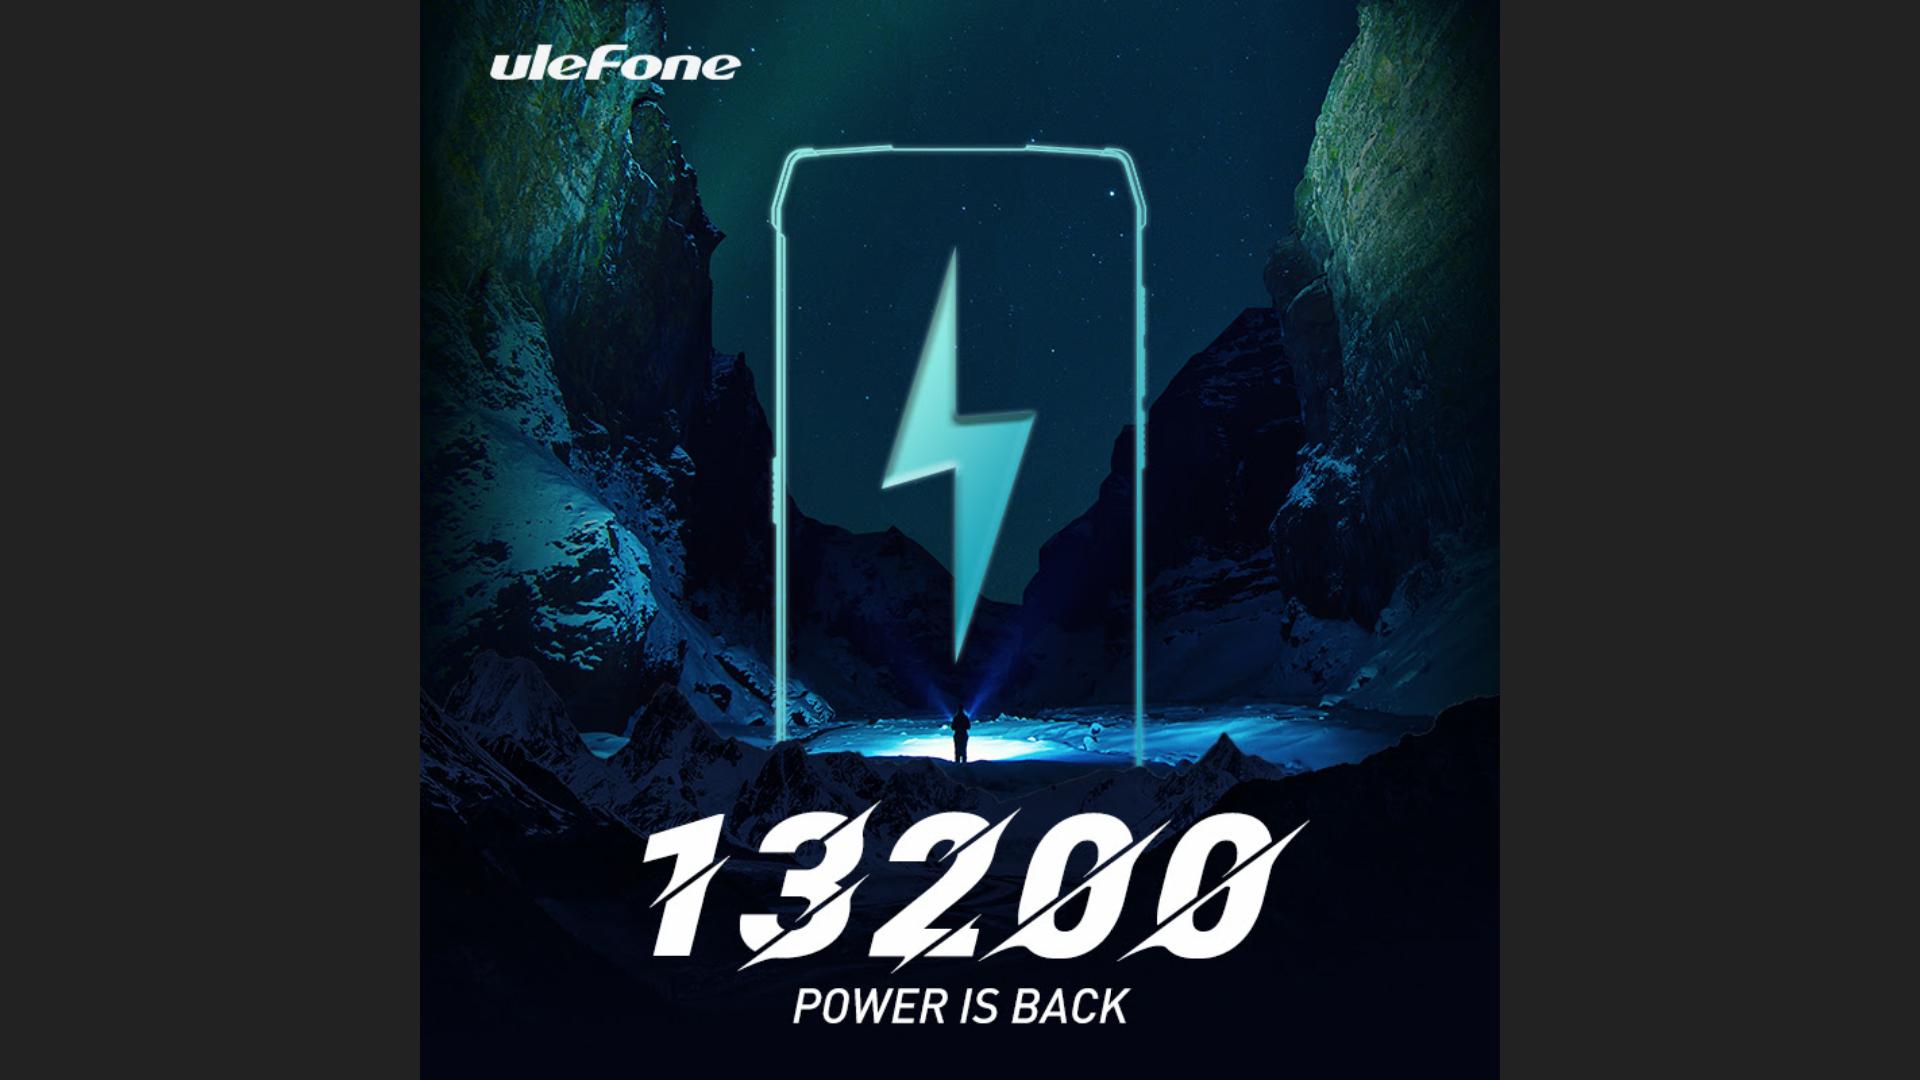 Ulefone 13200 mAh